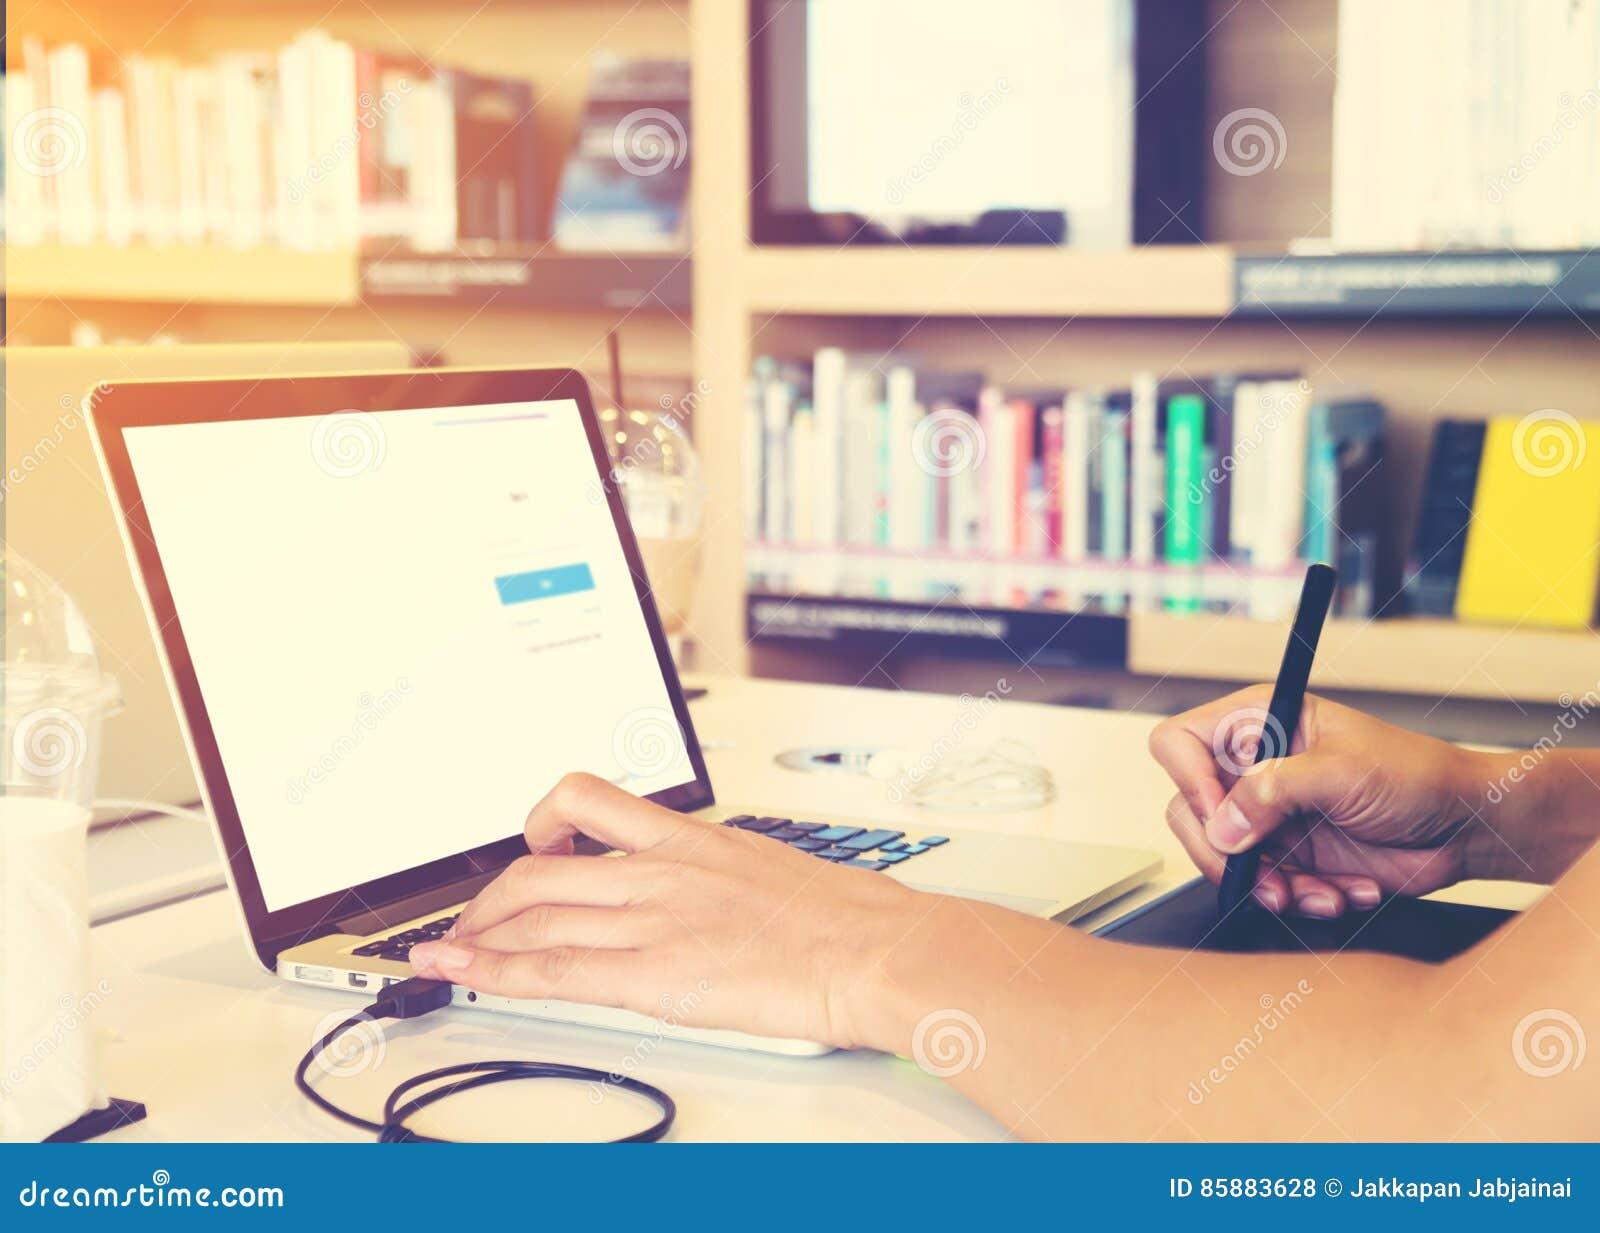 Το νέο γραφικό άτομο σχεδιαστών δίνει πολυάσχολο στη συνεδρίαση lap-top του στον πίνακα βιβλιοθηκών σε ένα πανεπιστήμιο